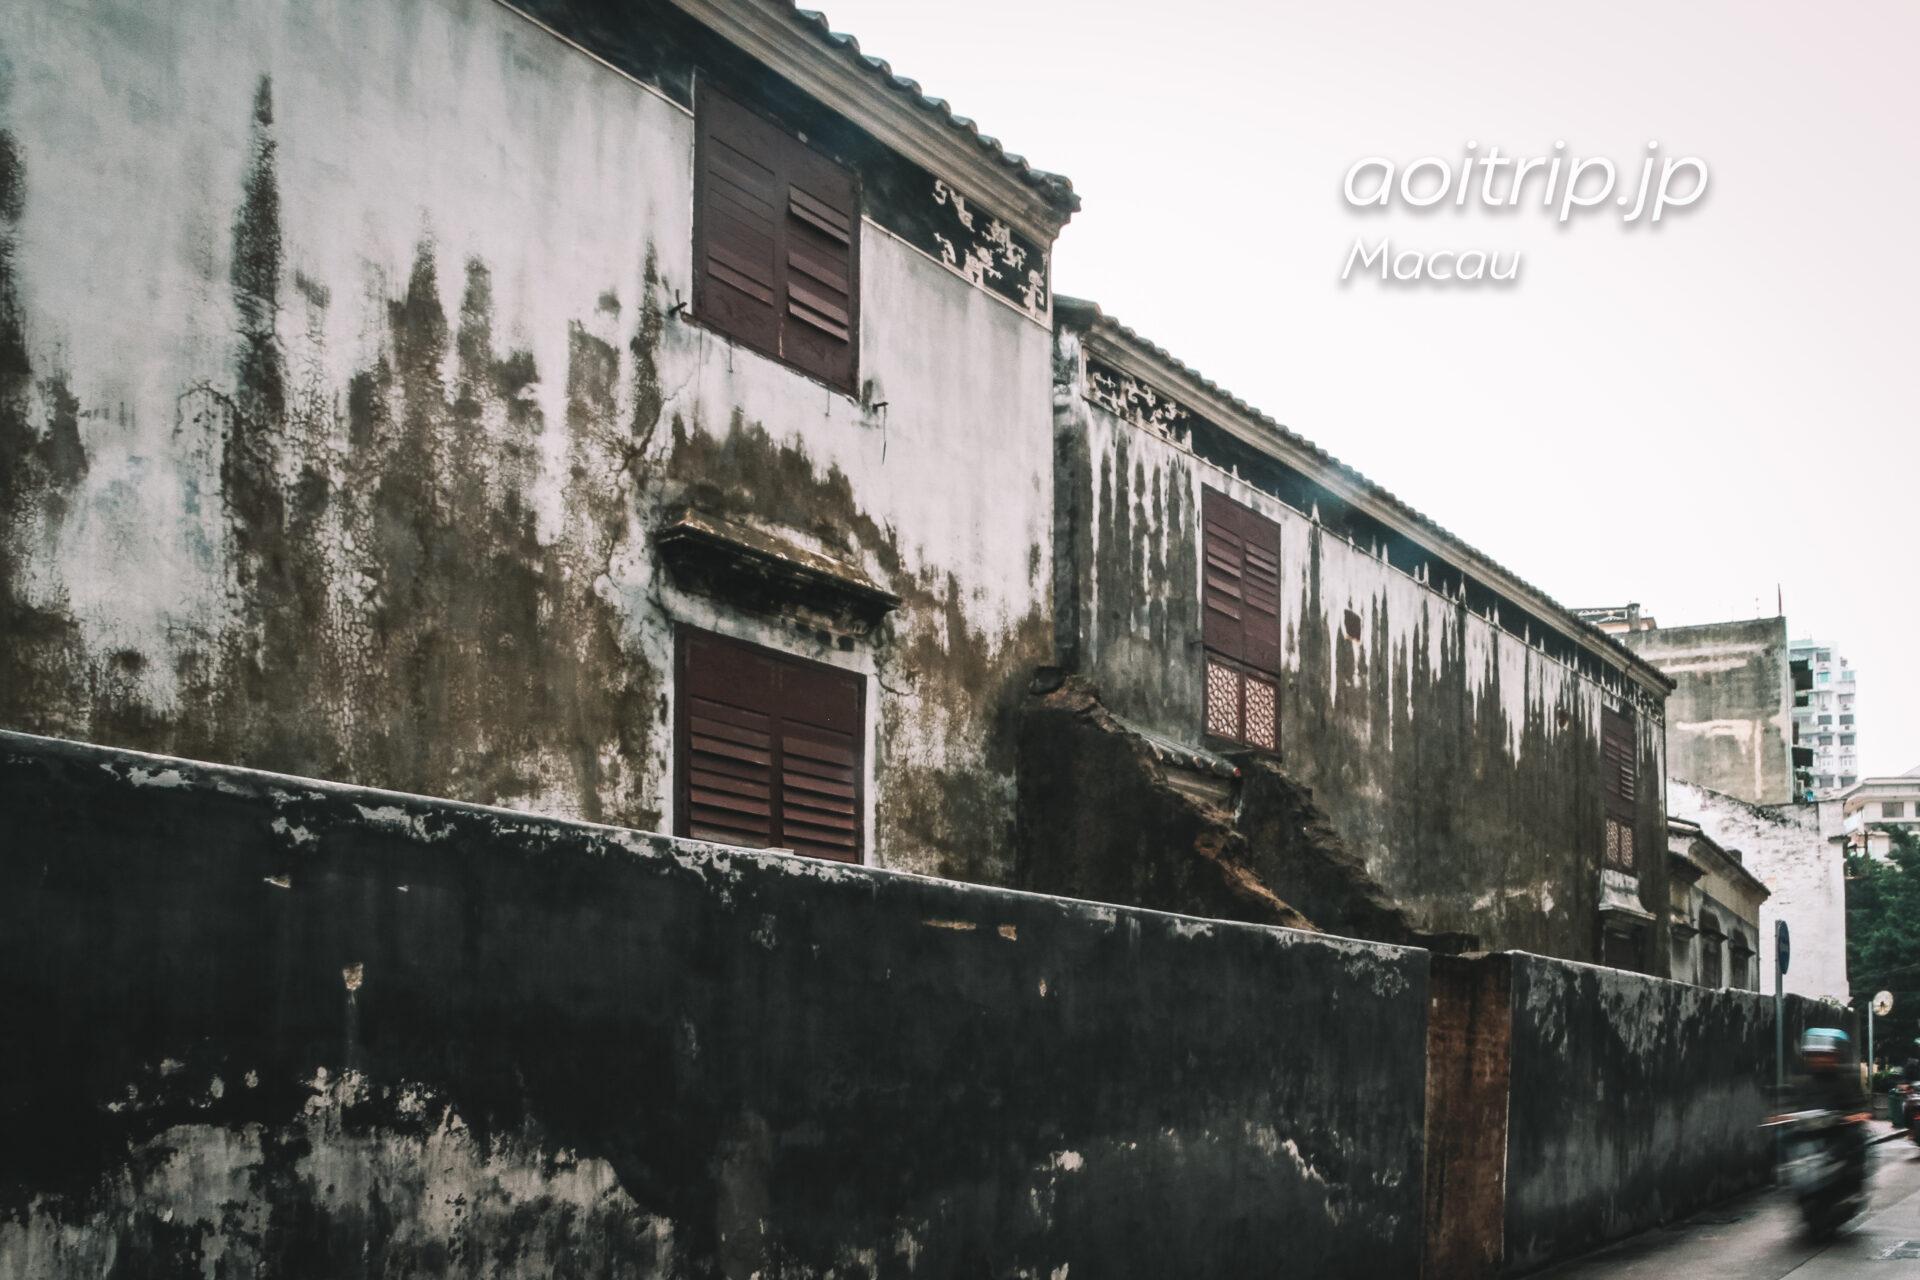 マカオ 鄭家屋敷 Mandarin's House